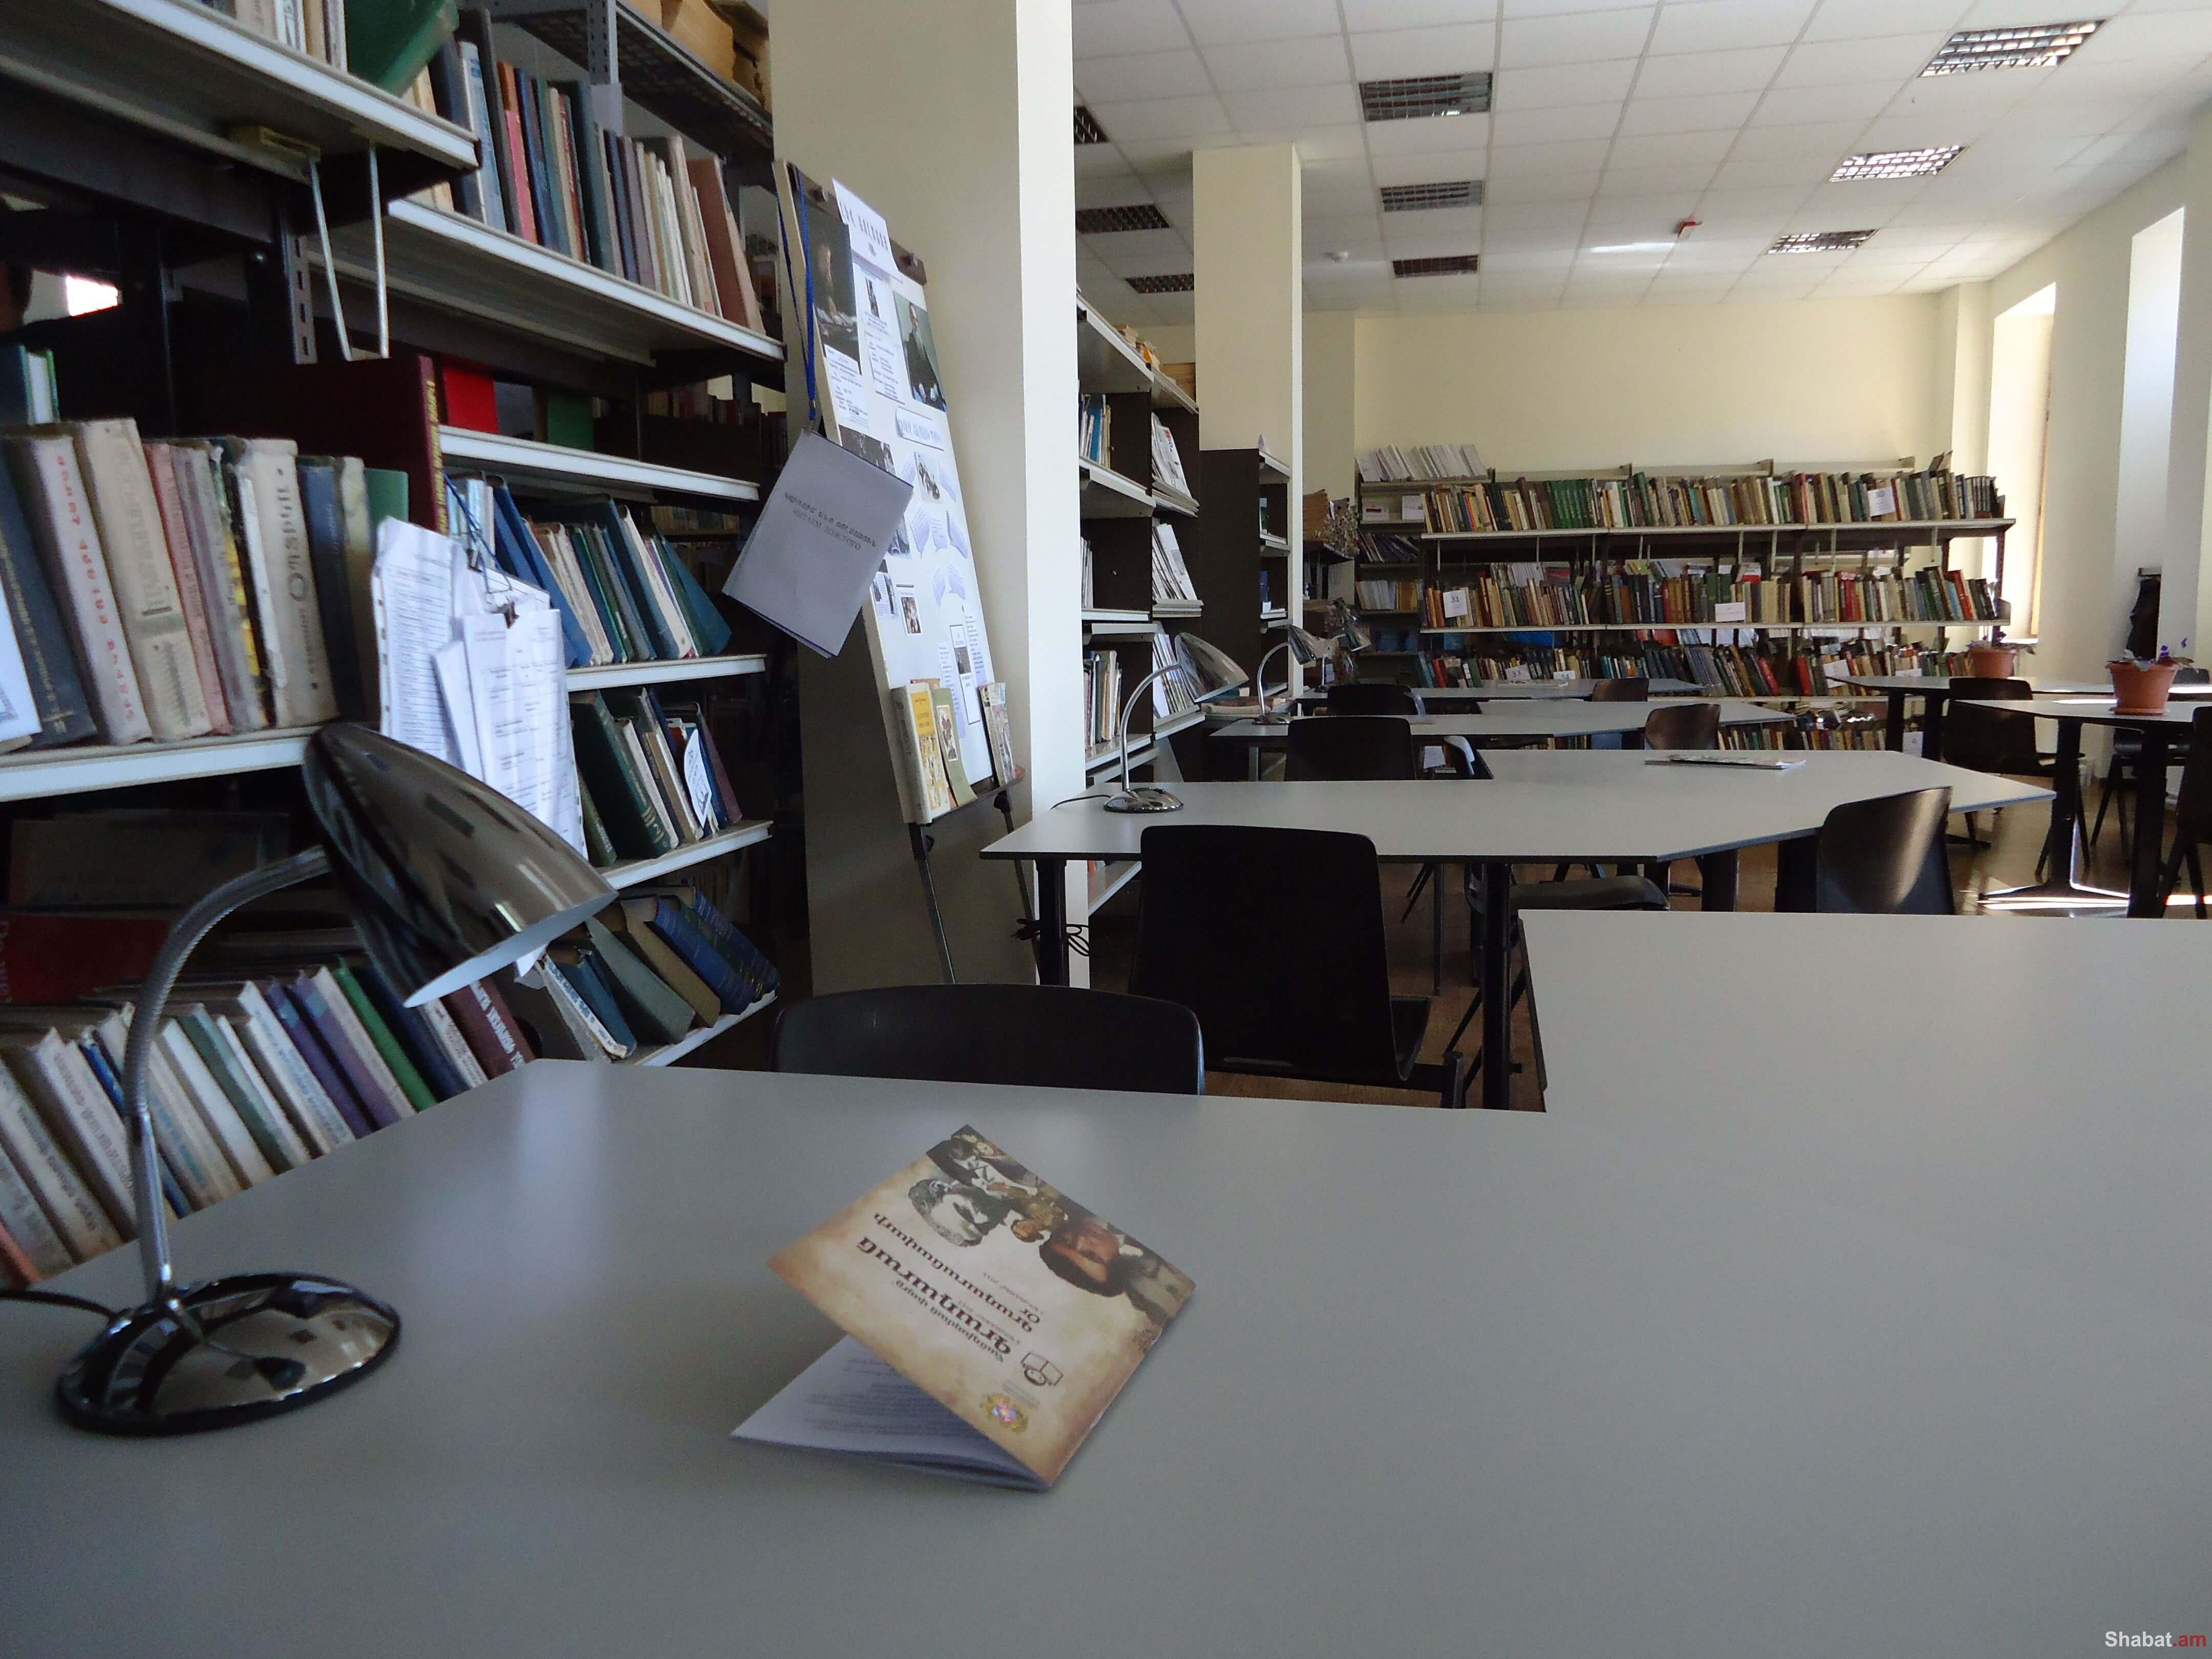 Այսօր գրադարանավարների օրն է